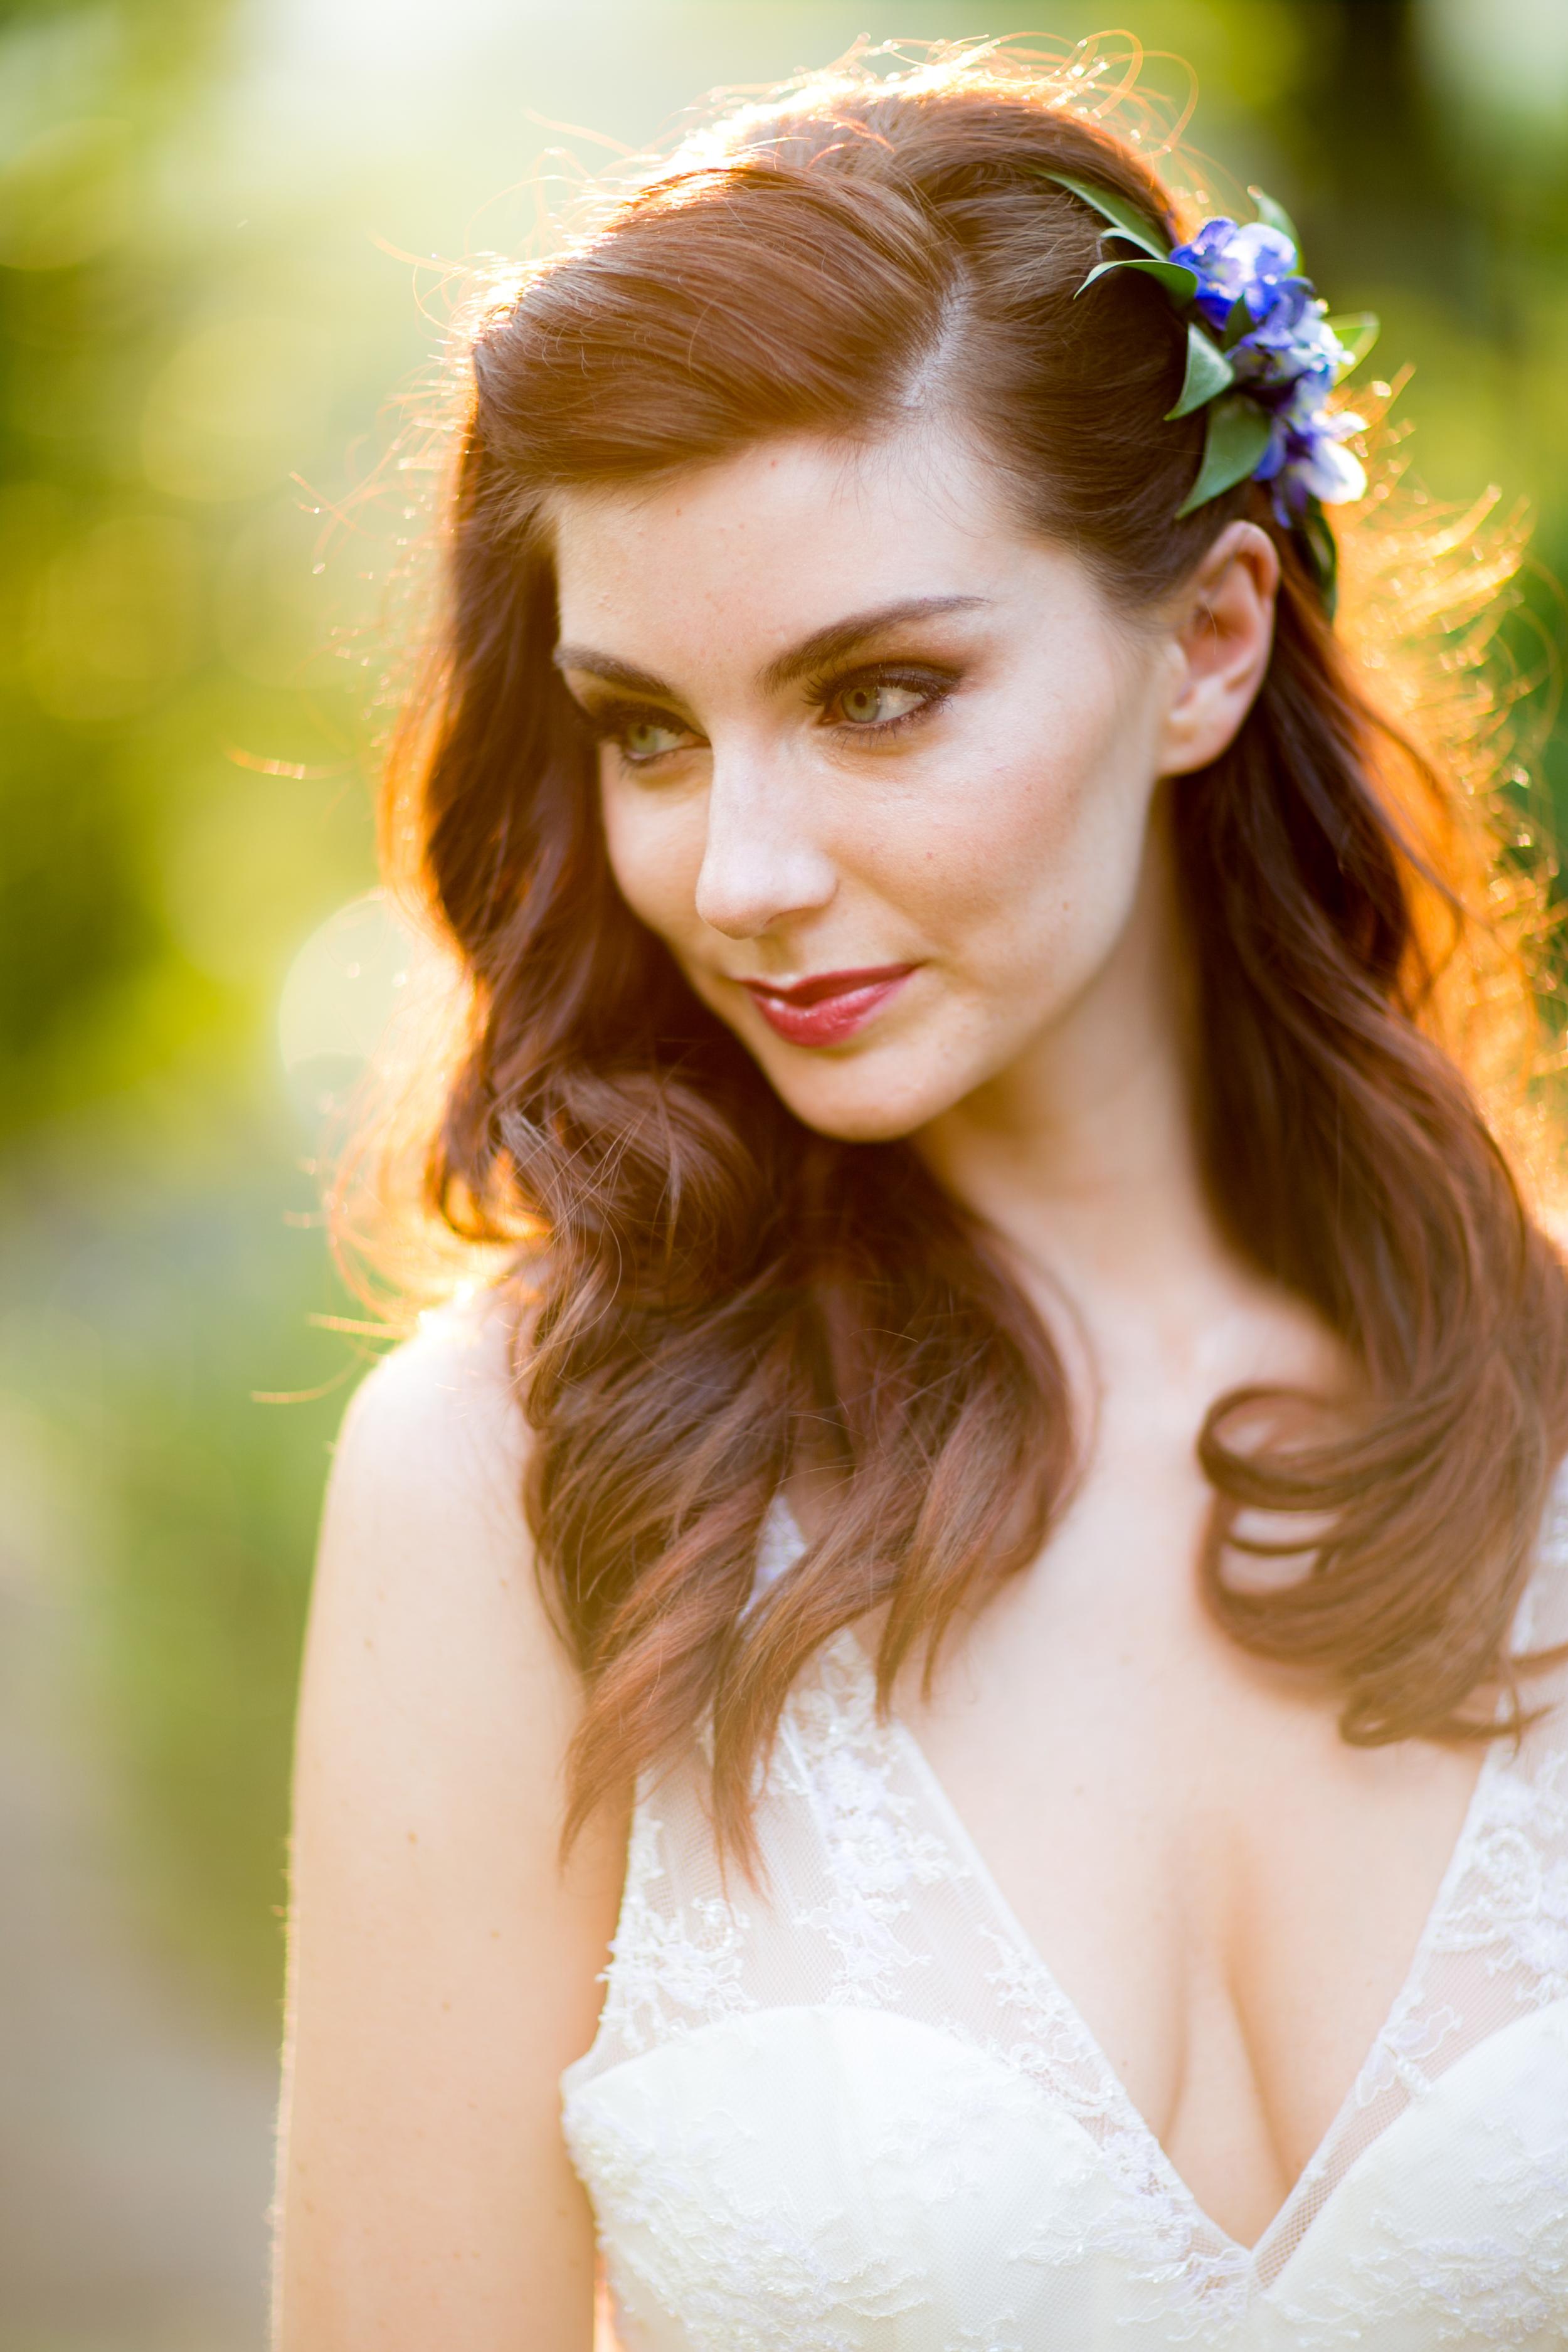 bride portrait makeup photography 0039